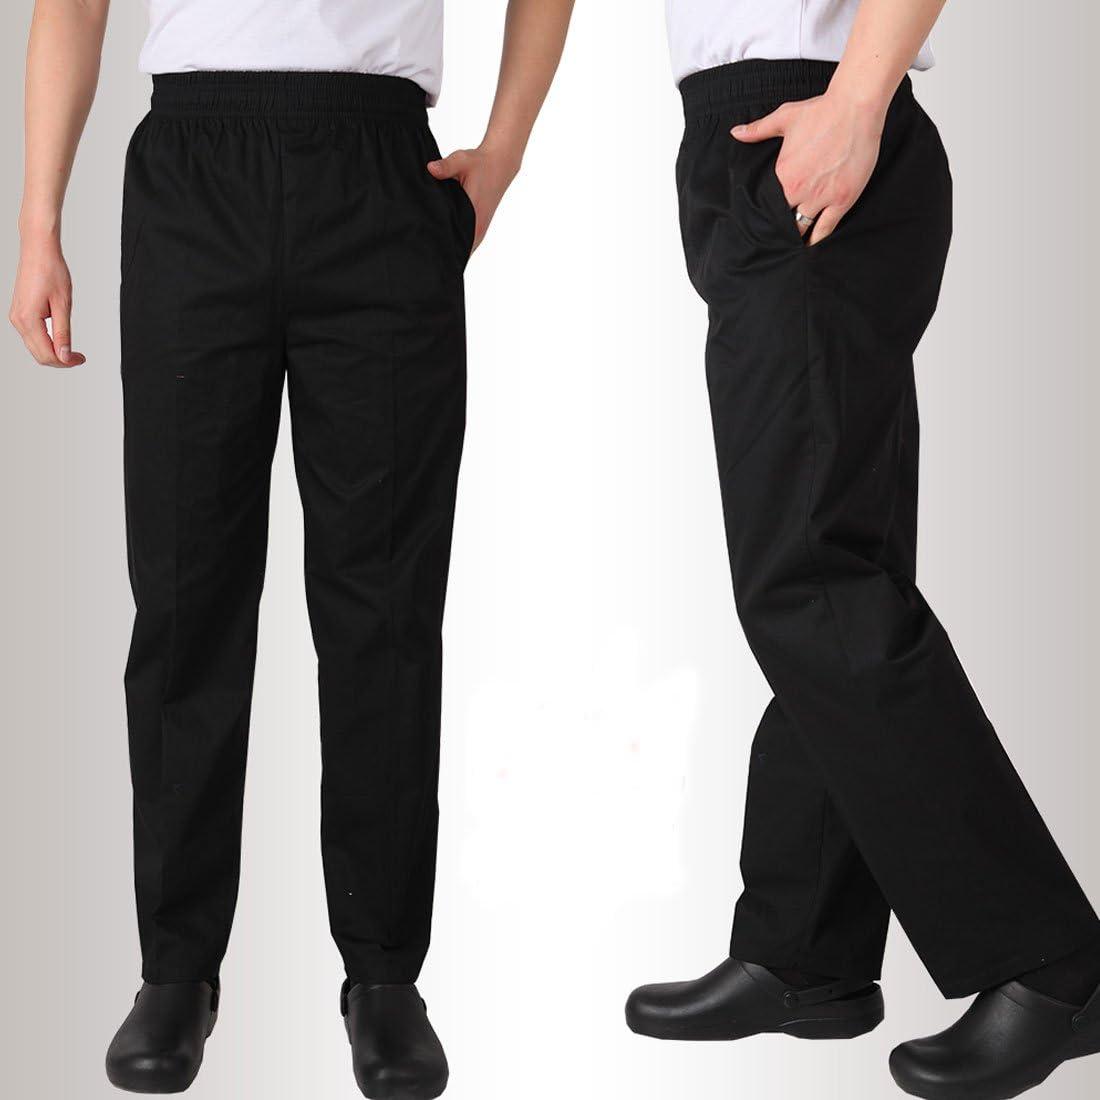 Bonarty 2pcs Pantalones de Chef Uniforme de Trabajo de Cocina Tejido Transpirable Suave Cintura El/ástica con Cord/ón Ropas para Cocineros